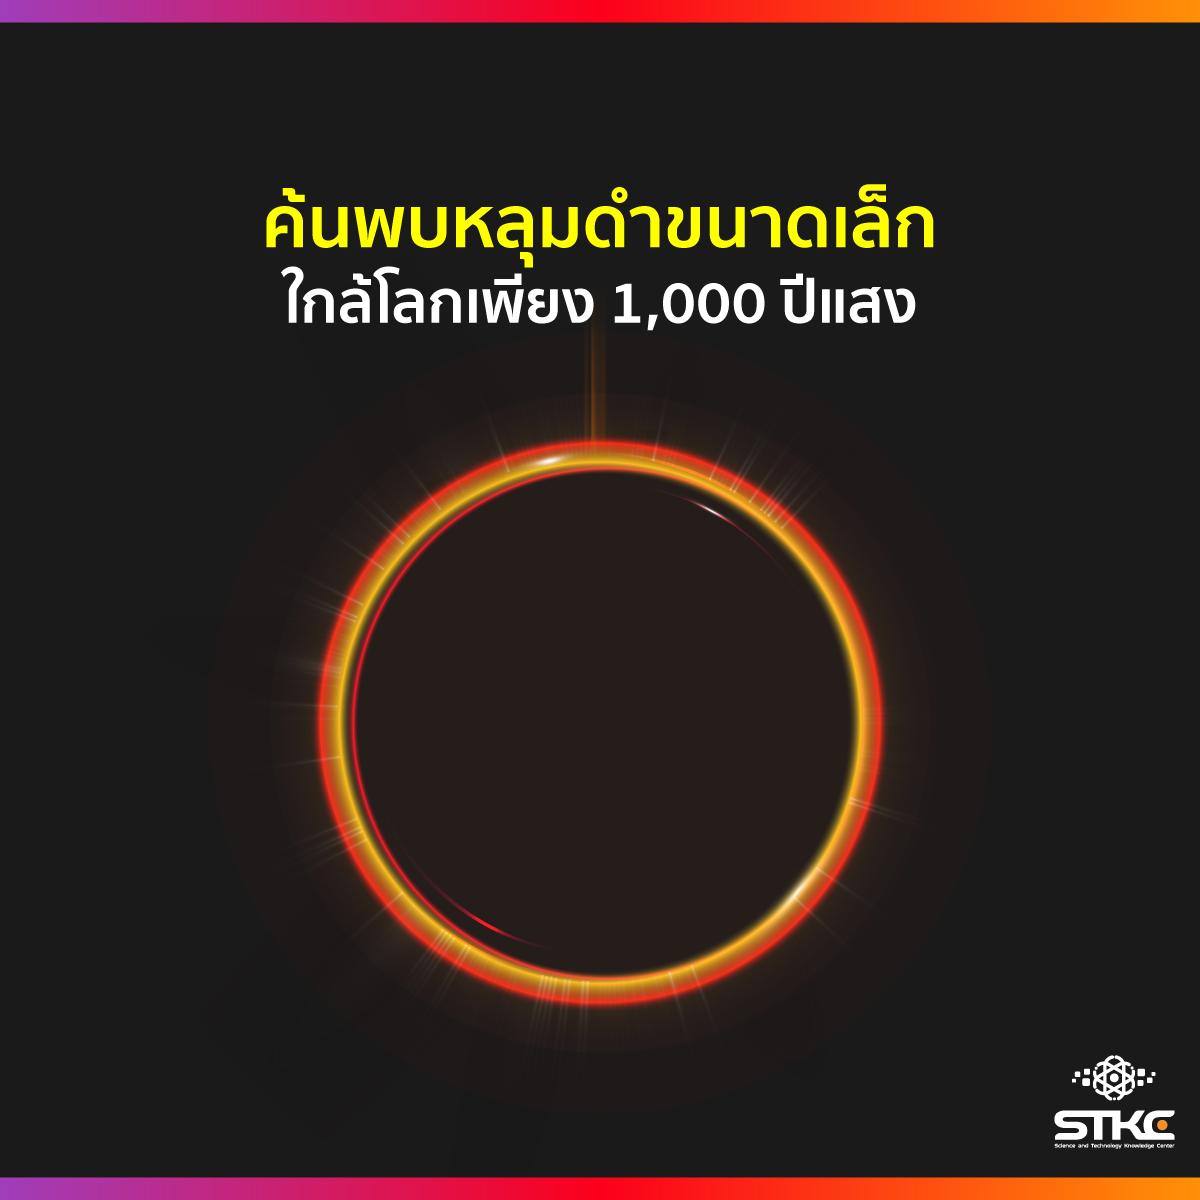 ค้นพบหลุมดำขนาดเล็ก ใกล้โลกเพียง 1,000 ปีแสง